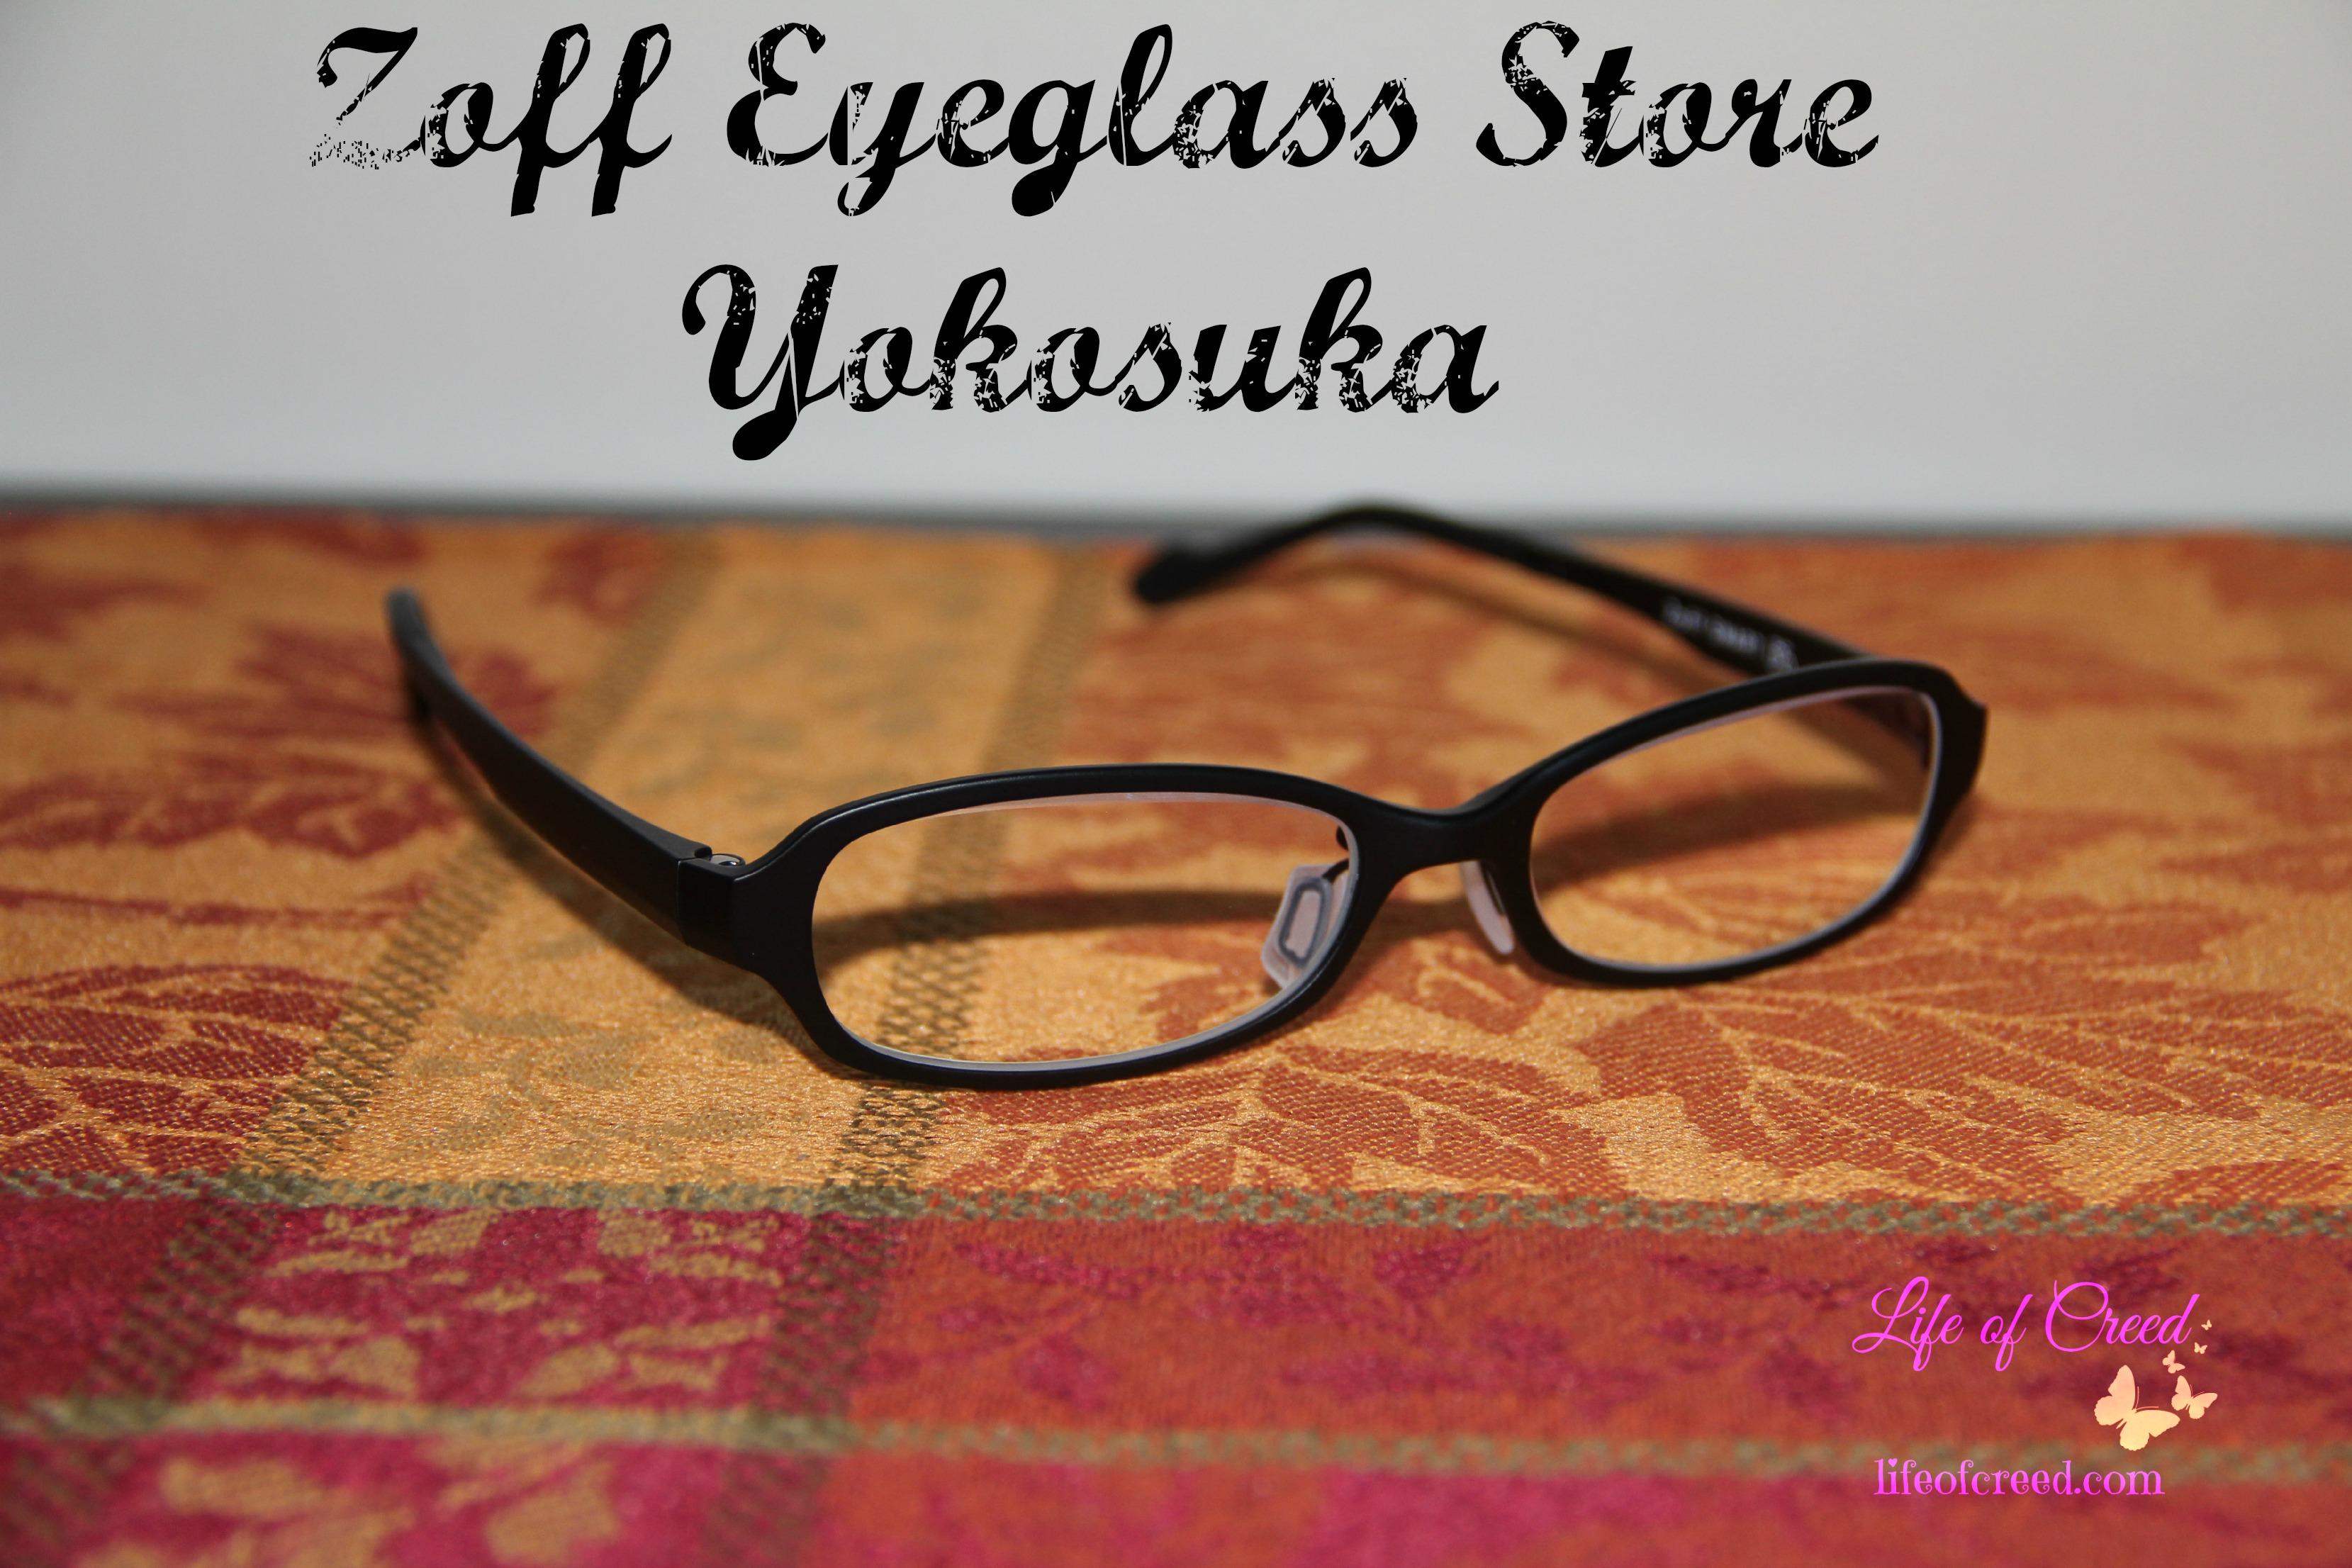 Zoff Eyeglass Store - Yokosuka | Life of Creed